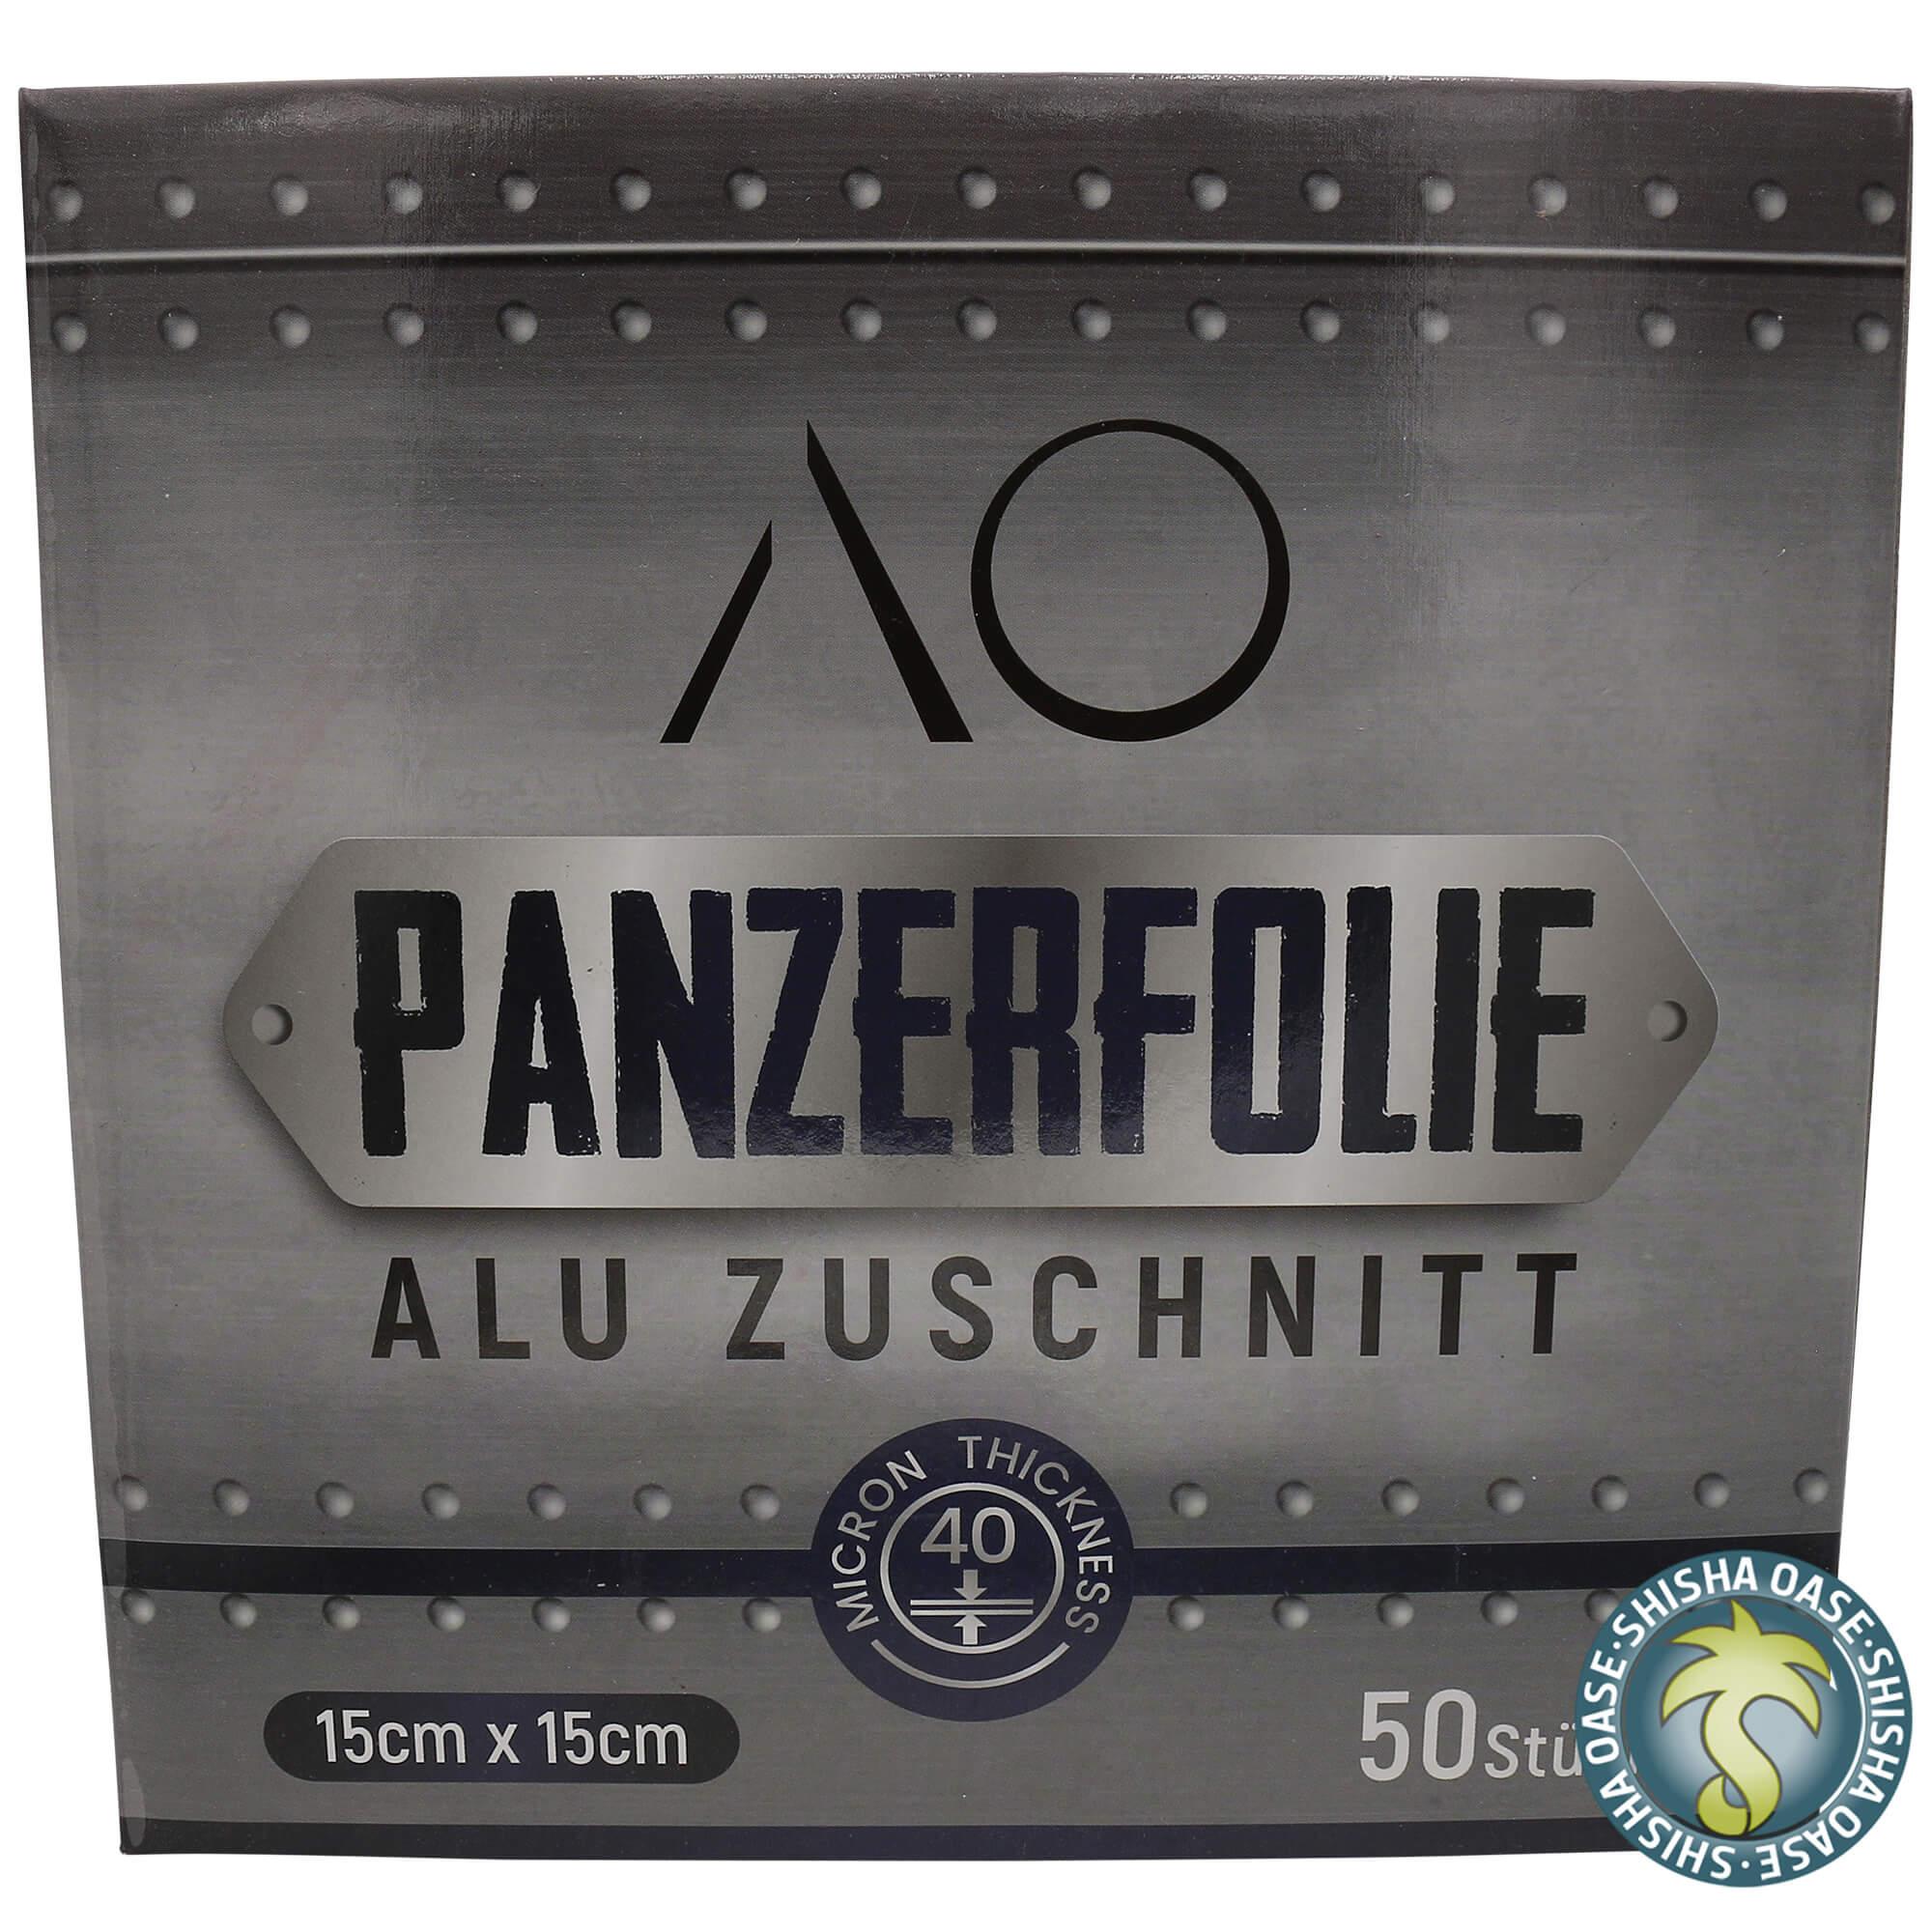 AO Panzerfolie Alu Zuschnitt 15 x 15cm (50Stück)